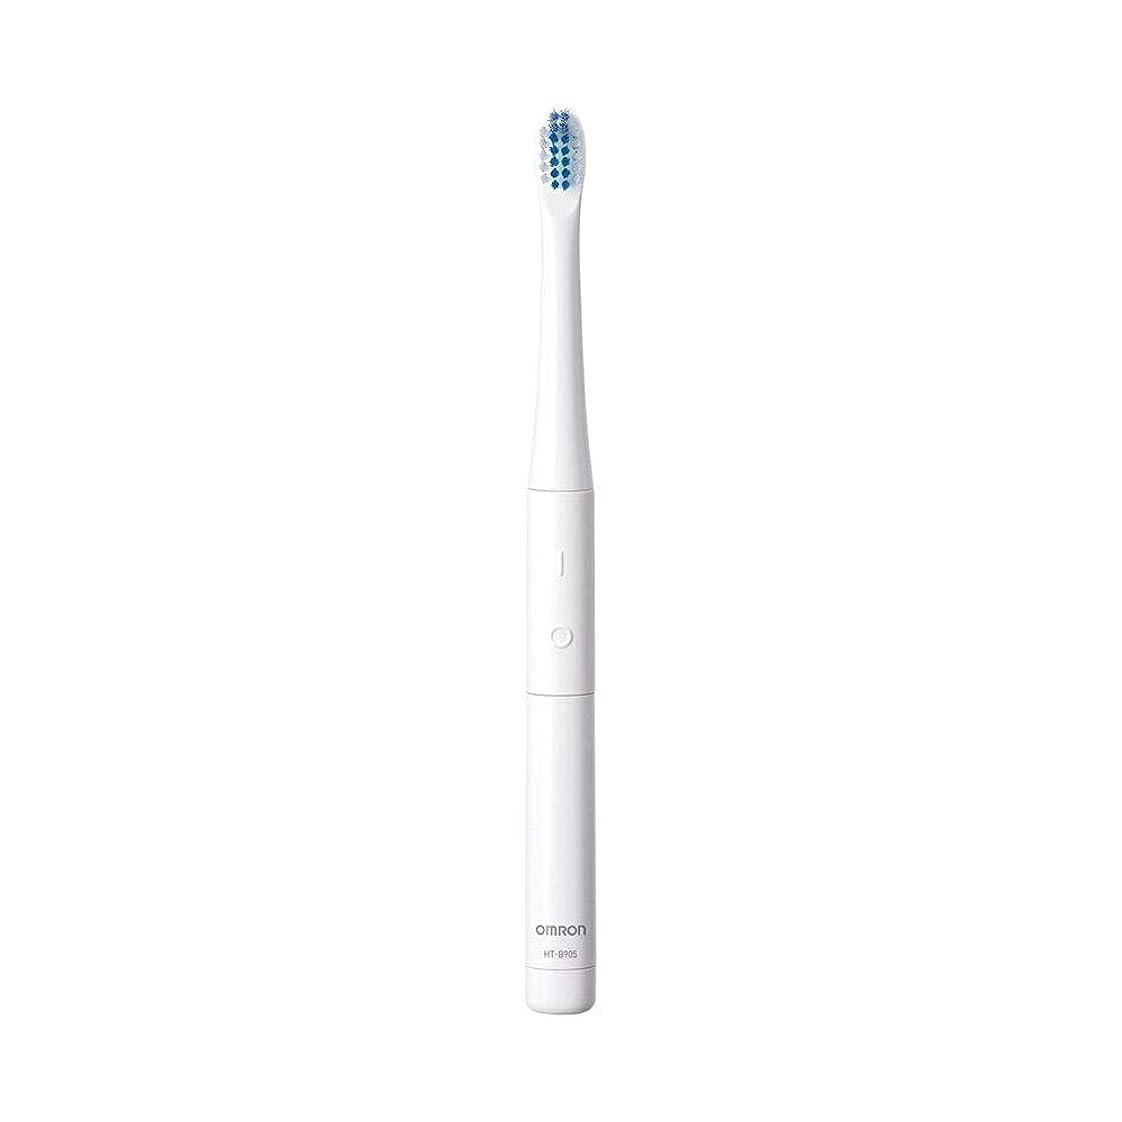 排除可愛いピンクOmron オムロン 音波式電動歯ブラシ HT-B905-W 電動歯ブラシ